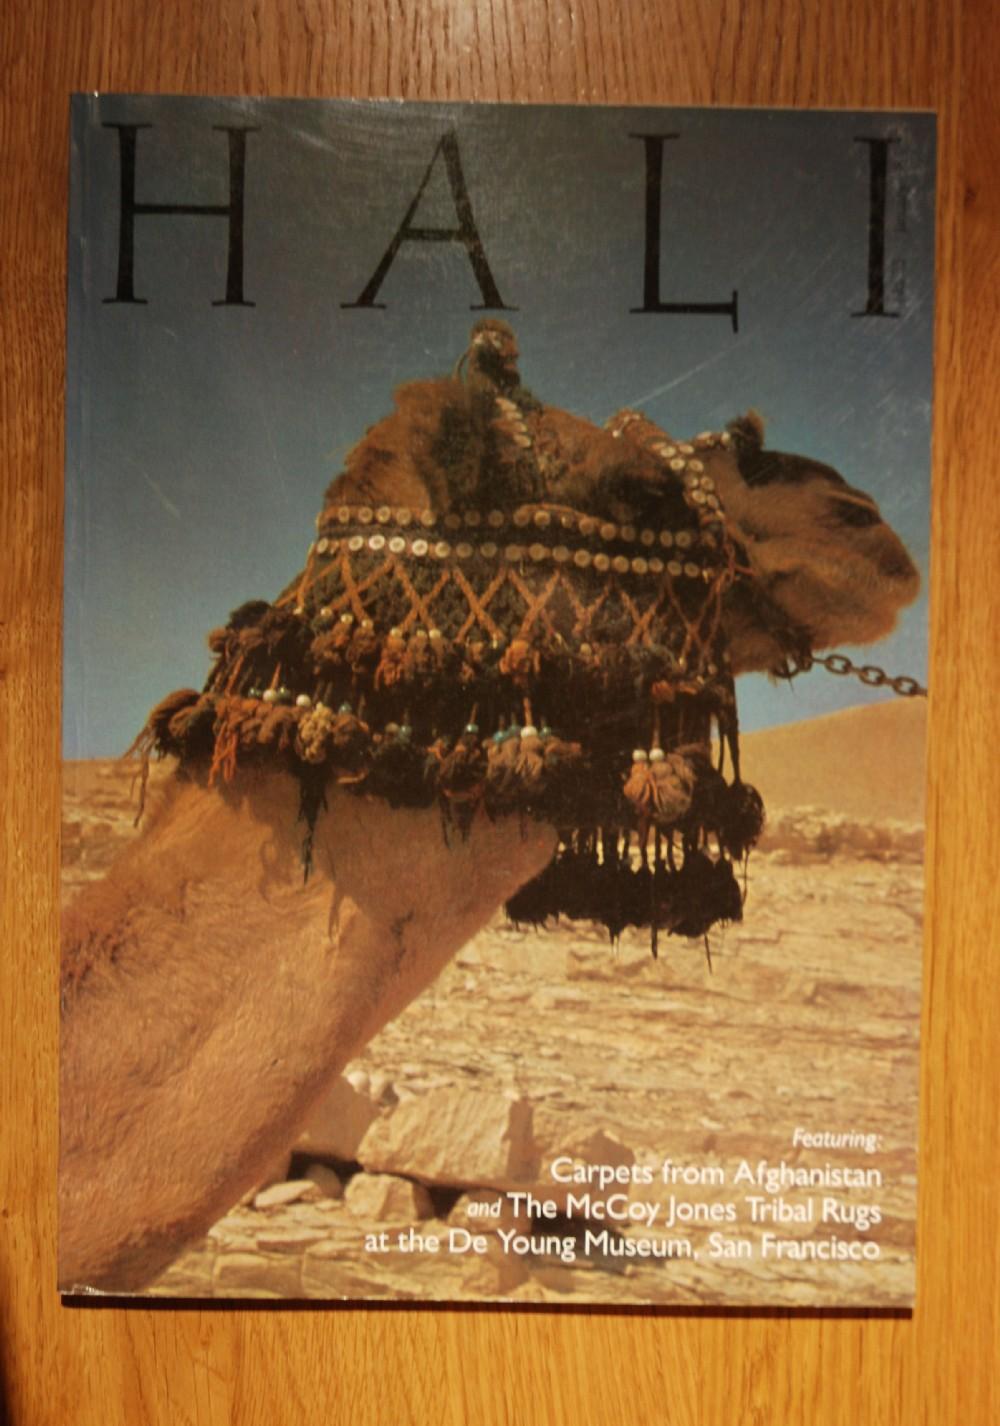 hali magazine no25 january 1985